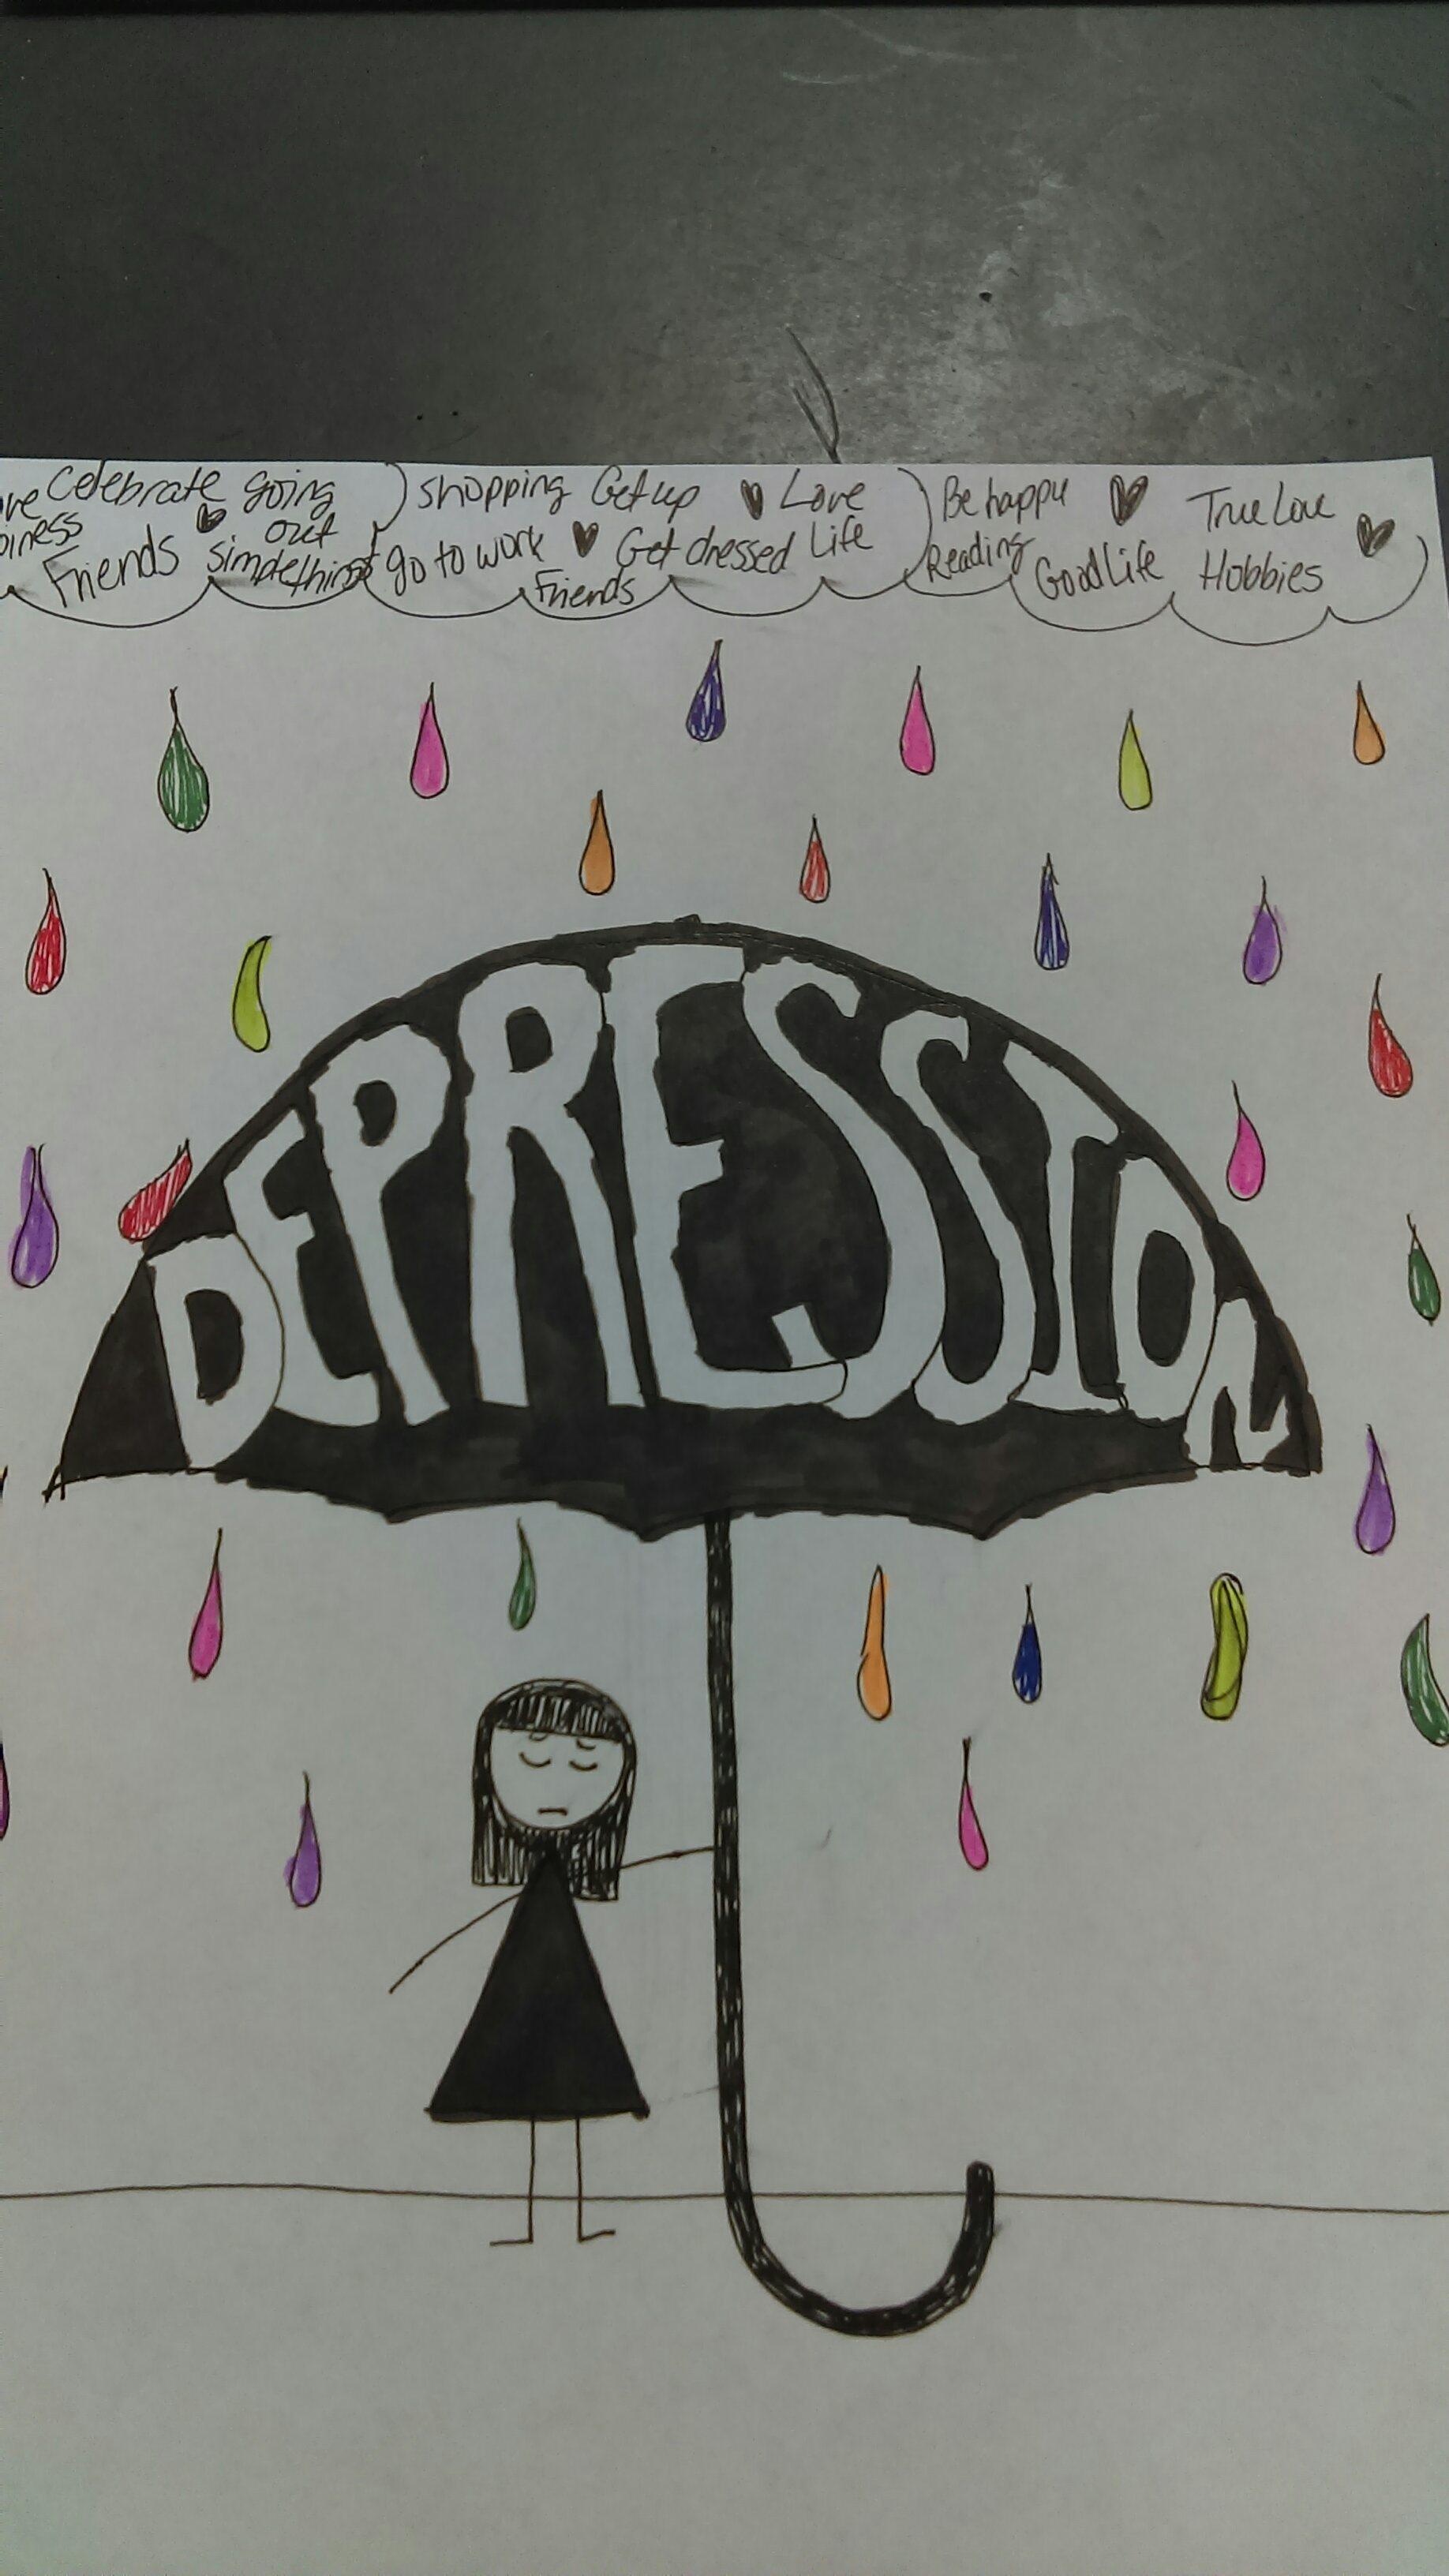 depression photo of umbrella